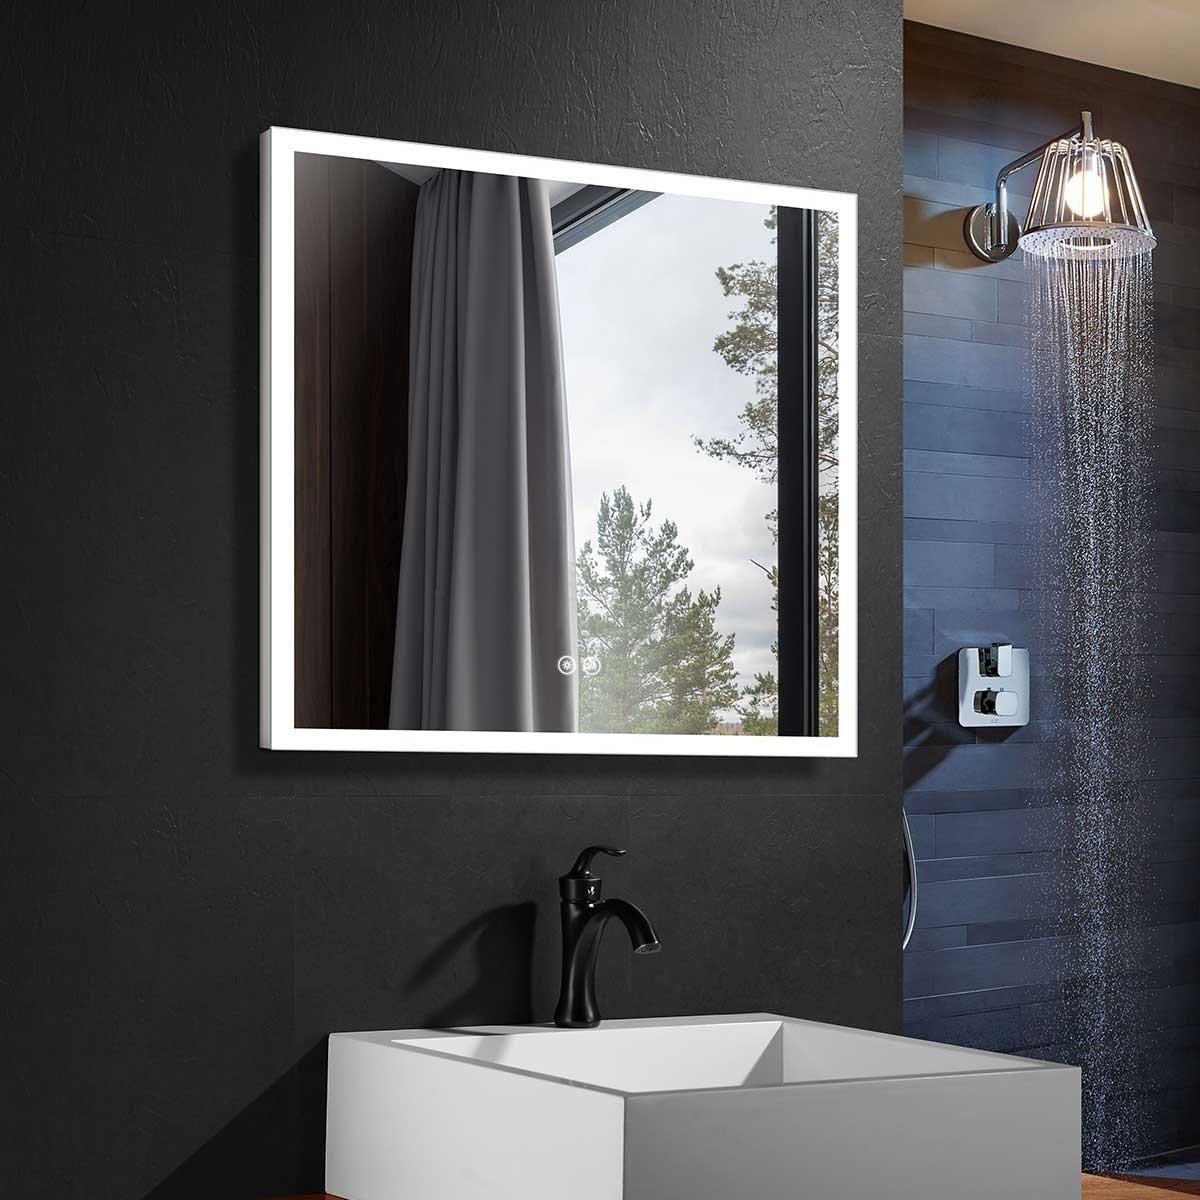 DECORAPORT 36 x 36 Po Miroir de Salle de Bain LED avec Bouton Tactile, Anti-Buée, Luminosité Réglable (D112-3636)